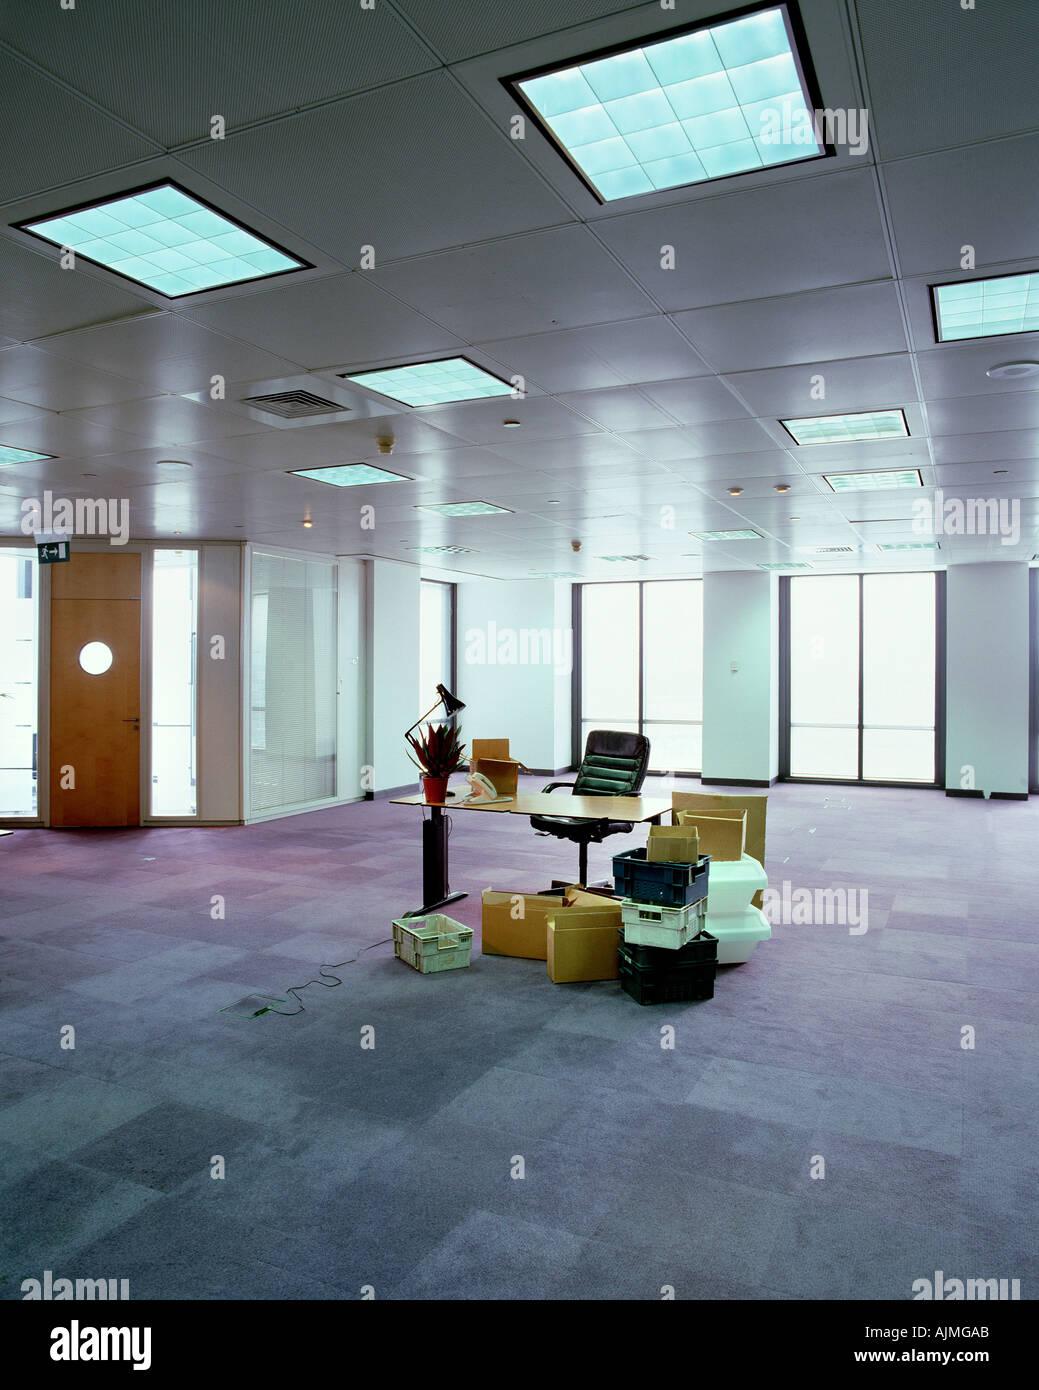 Unordentlichen Schreibtisch in leeres Büro Stockbild